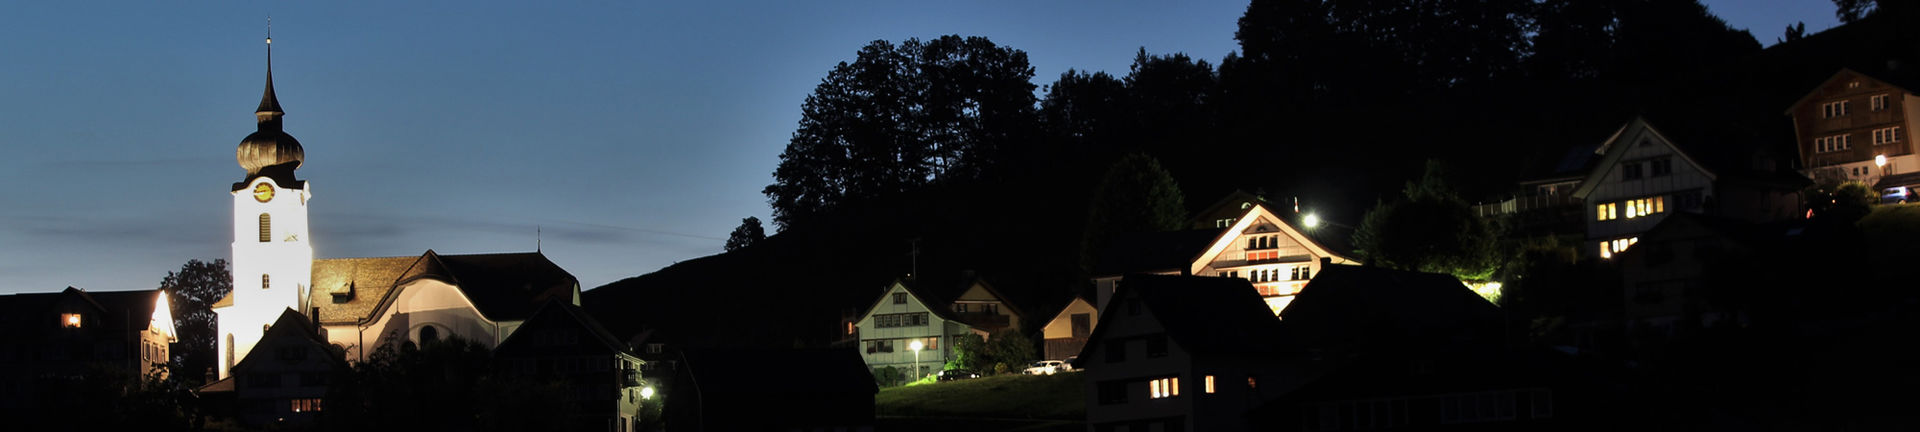 Kirchenfest mit Schötze-Chörli Stein - Bezirk Schlatt ...